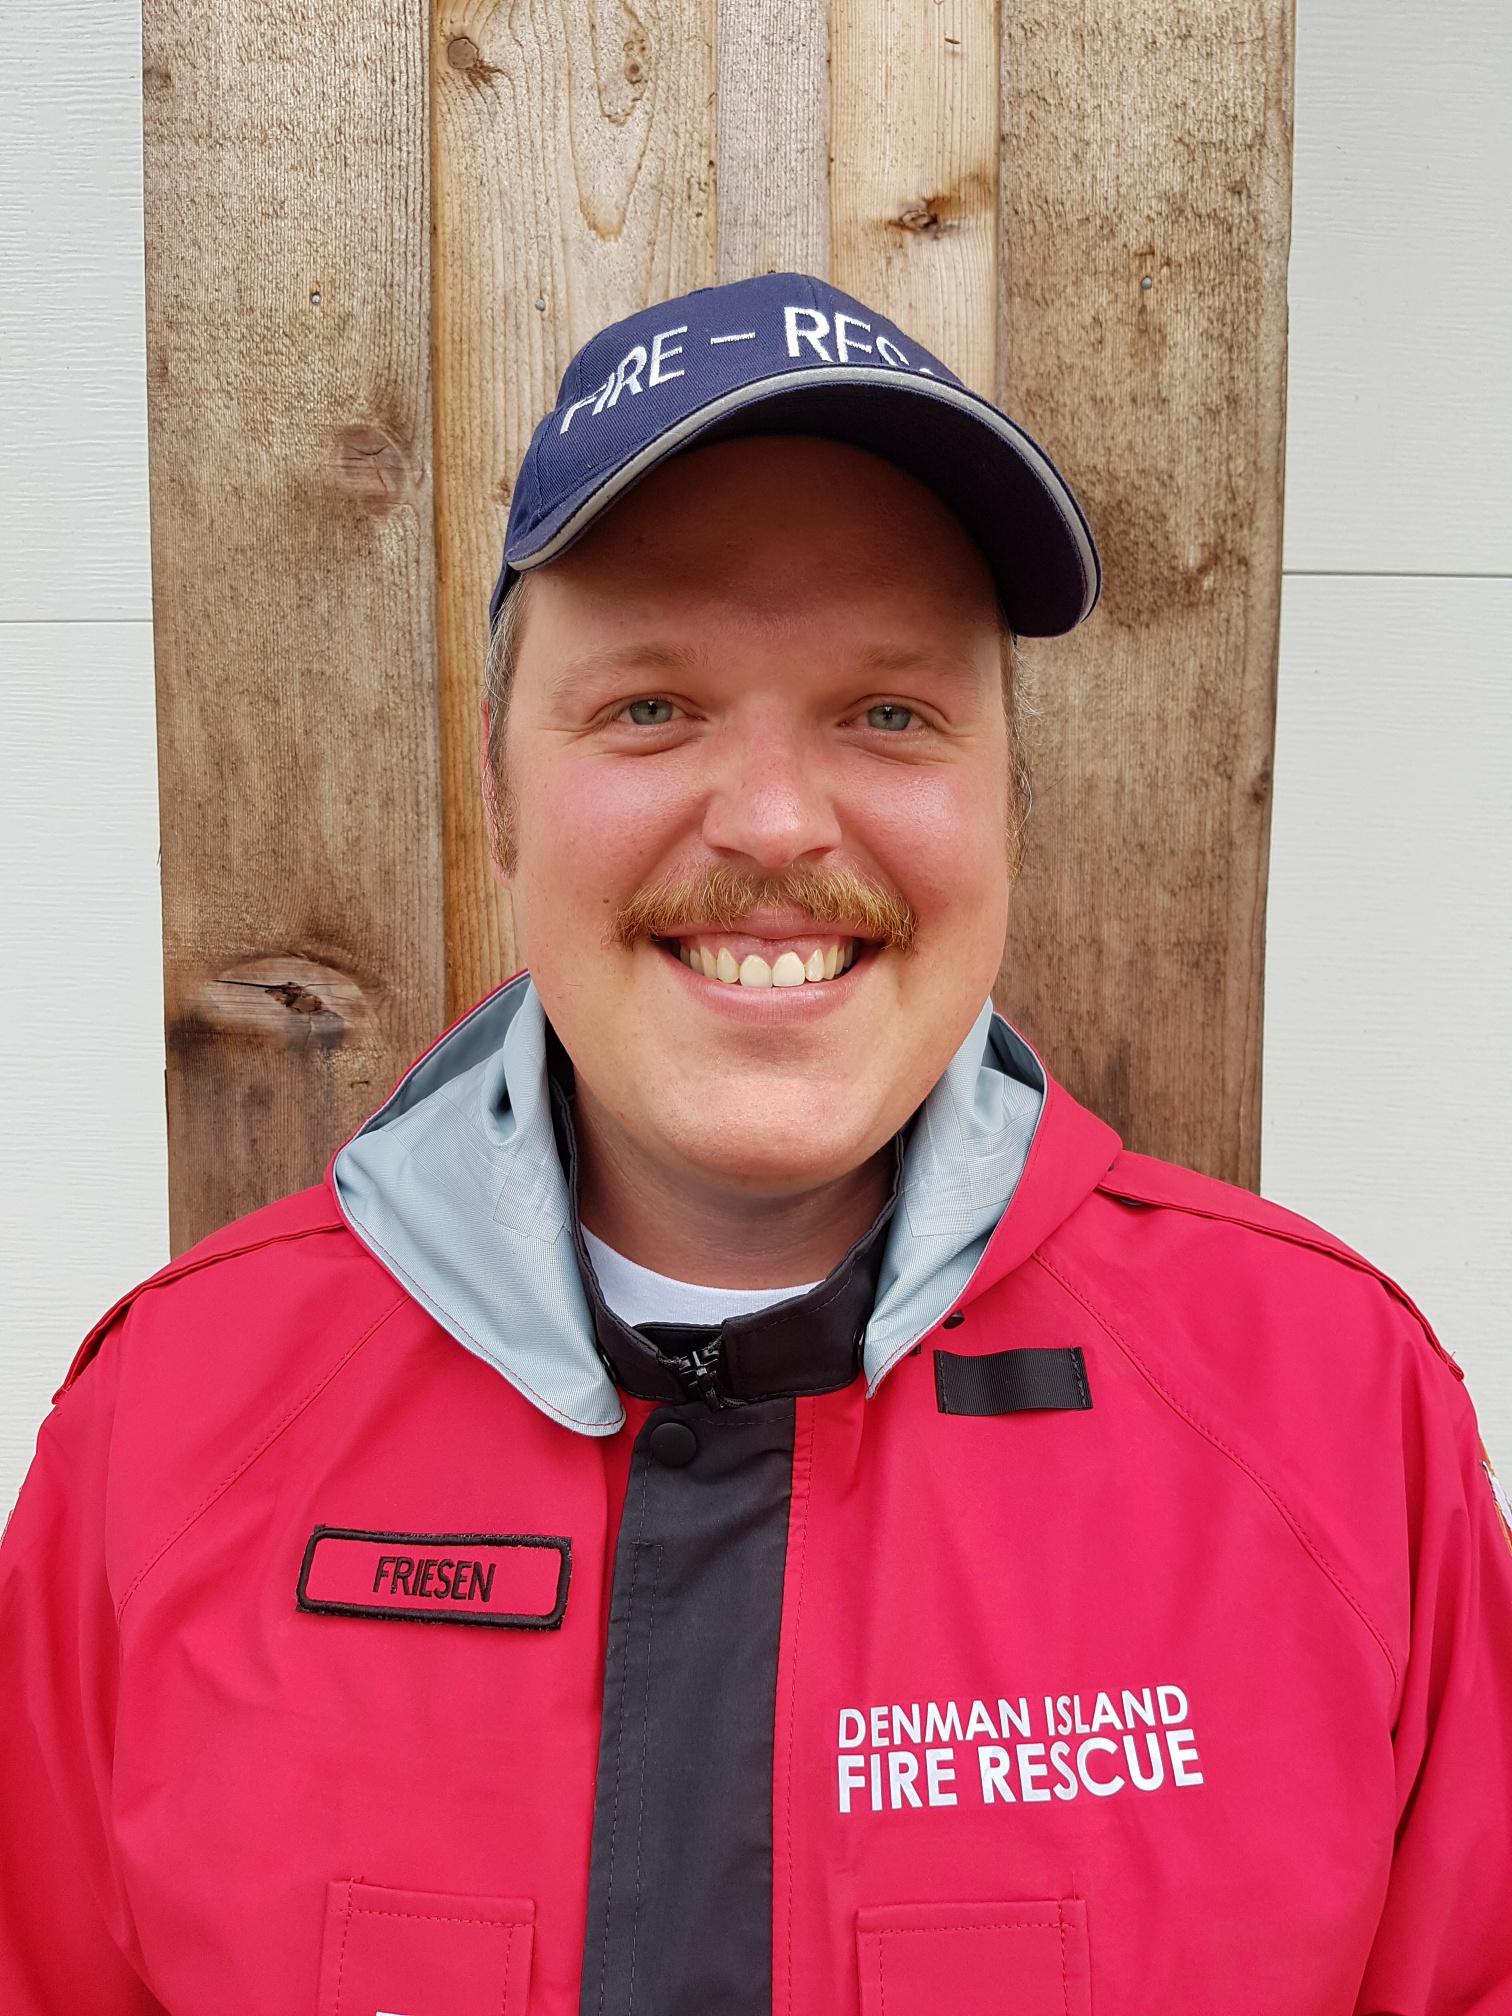 Alan Freisen